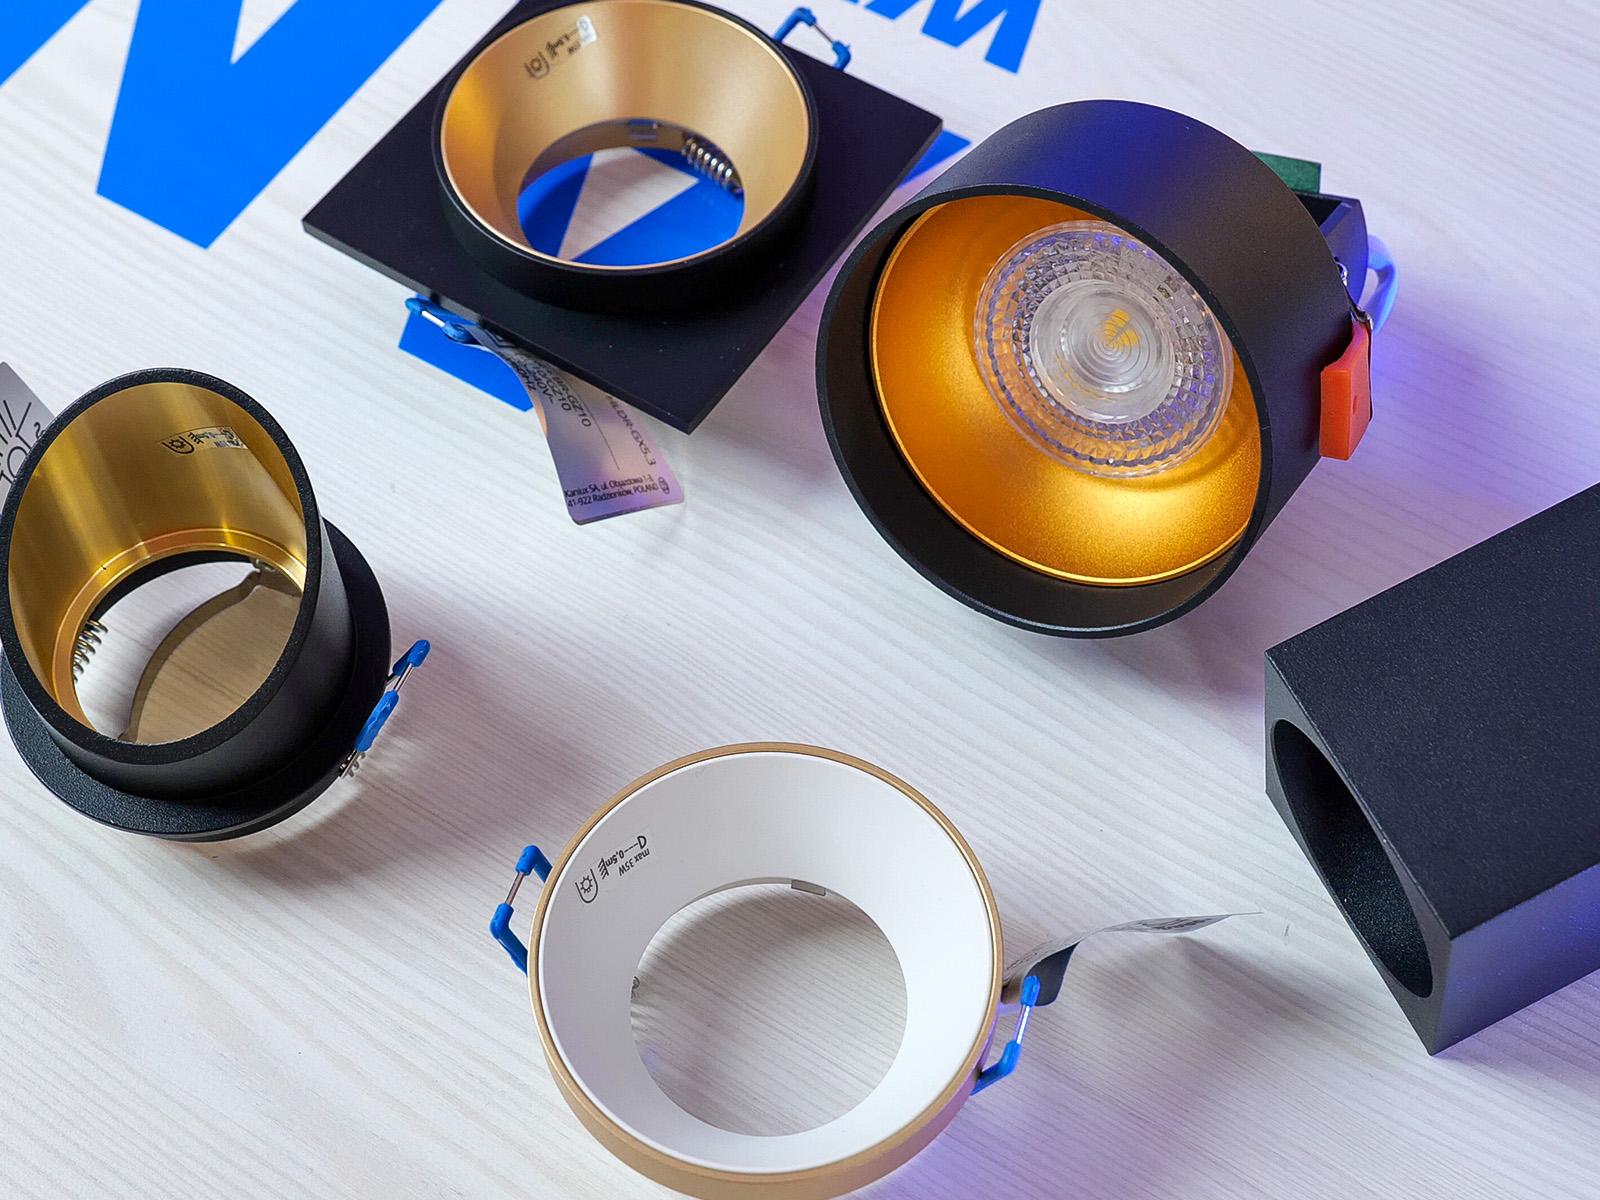 Néhány különleges kialakítású szpotlámpa keret, mely még dekoratívabbá teszi a mennyezeti világítást!